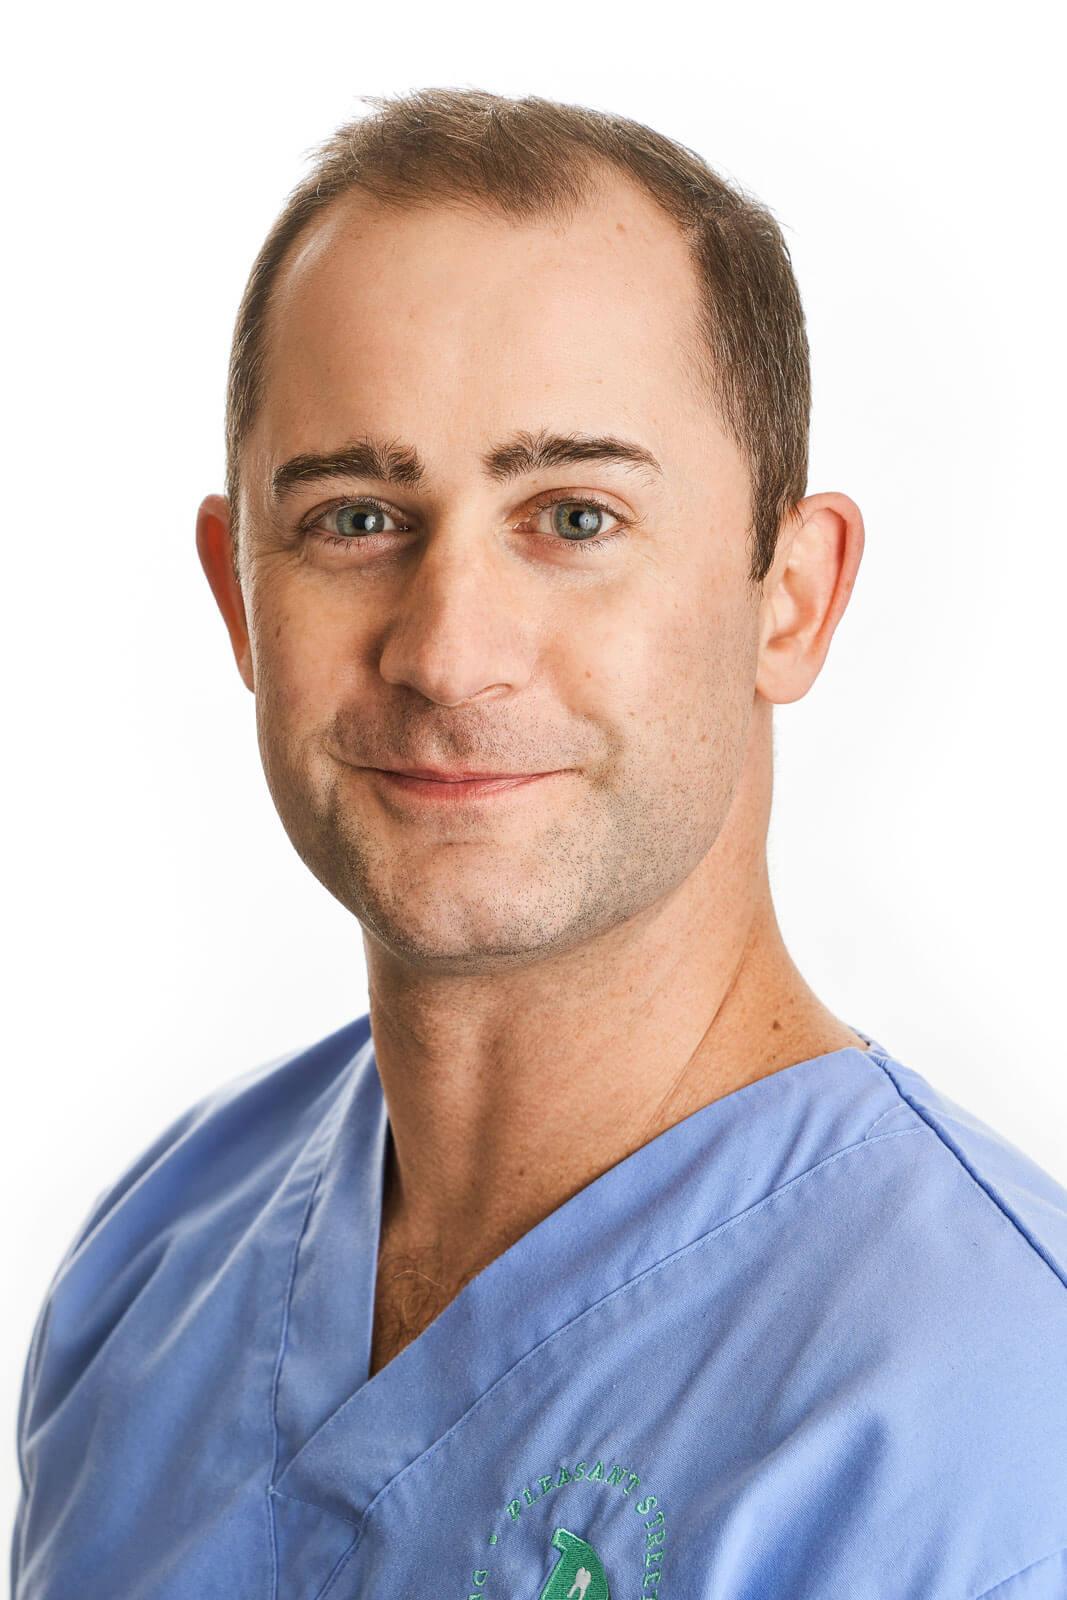 Dr. James Moshier, DMD